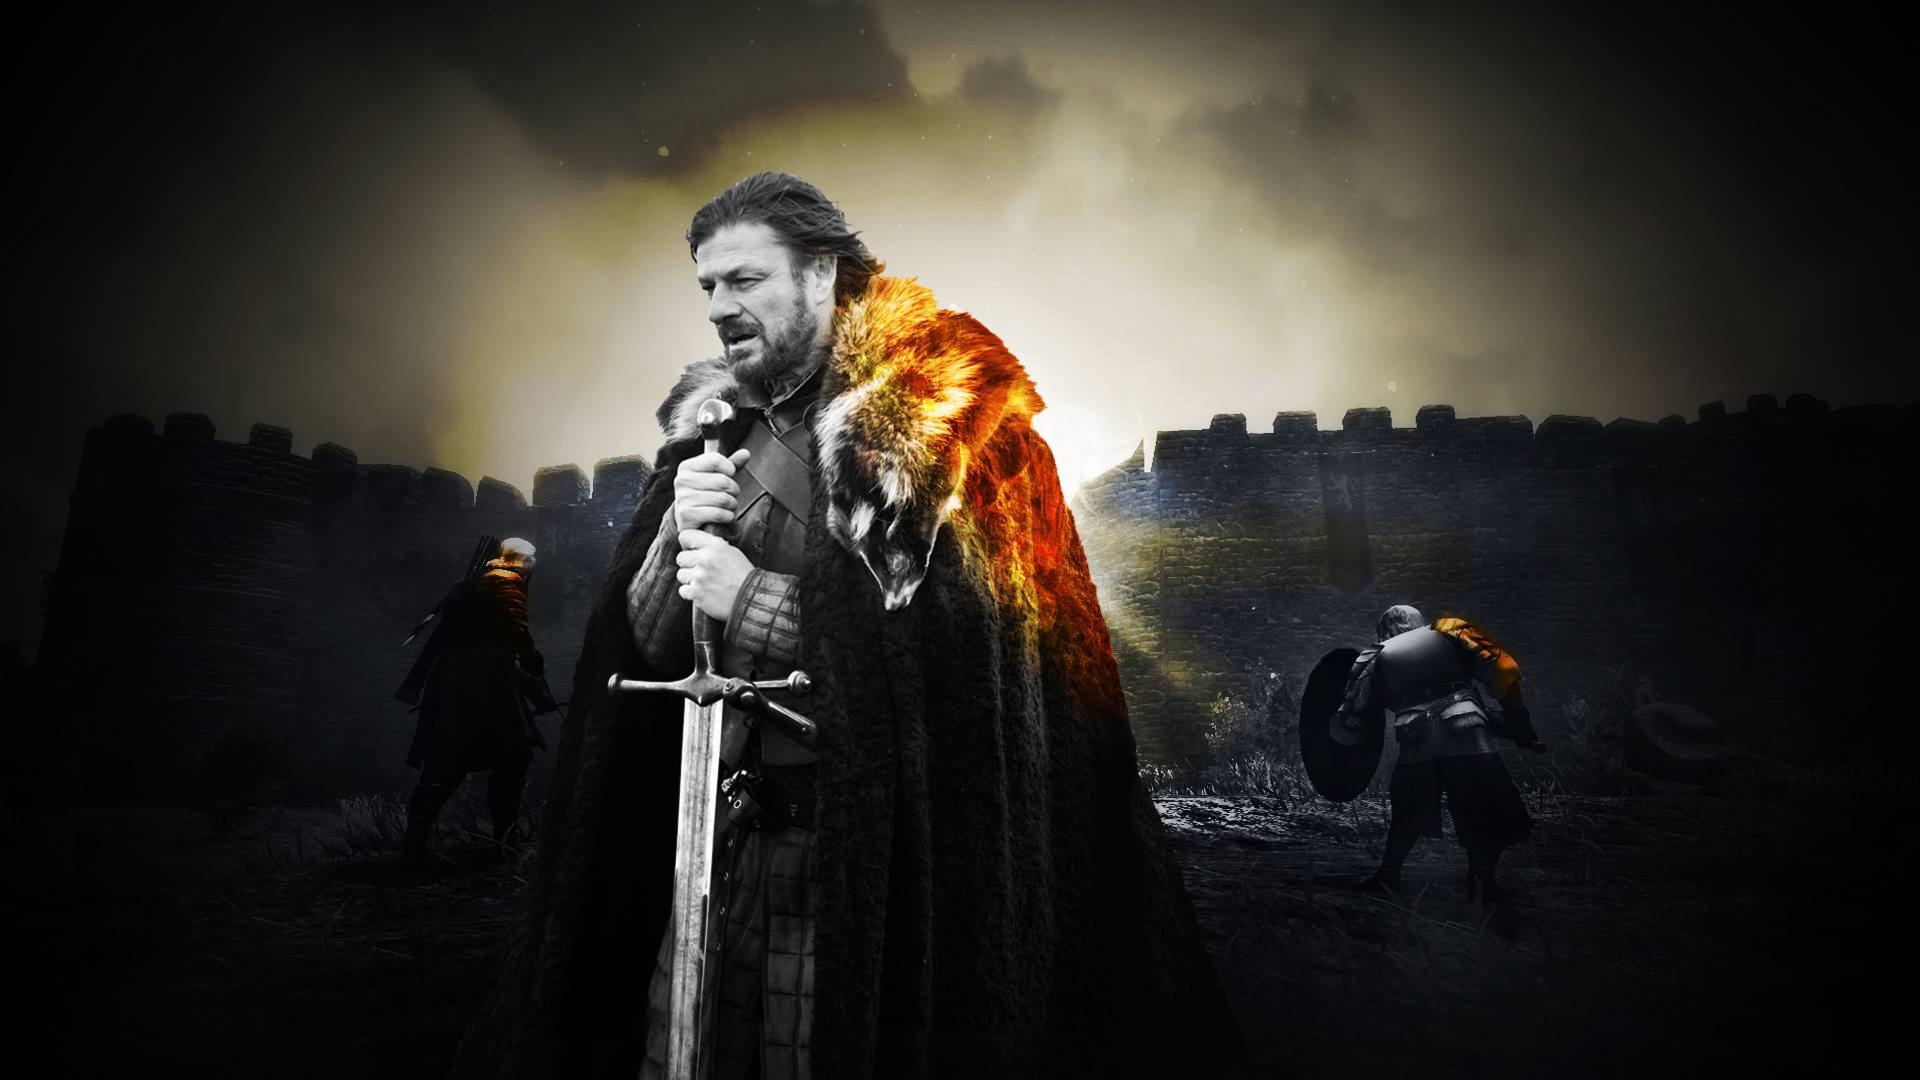 Fondos De Pantalla Game Of Thrones Campo De Batalla